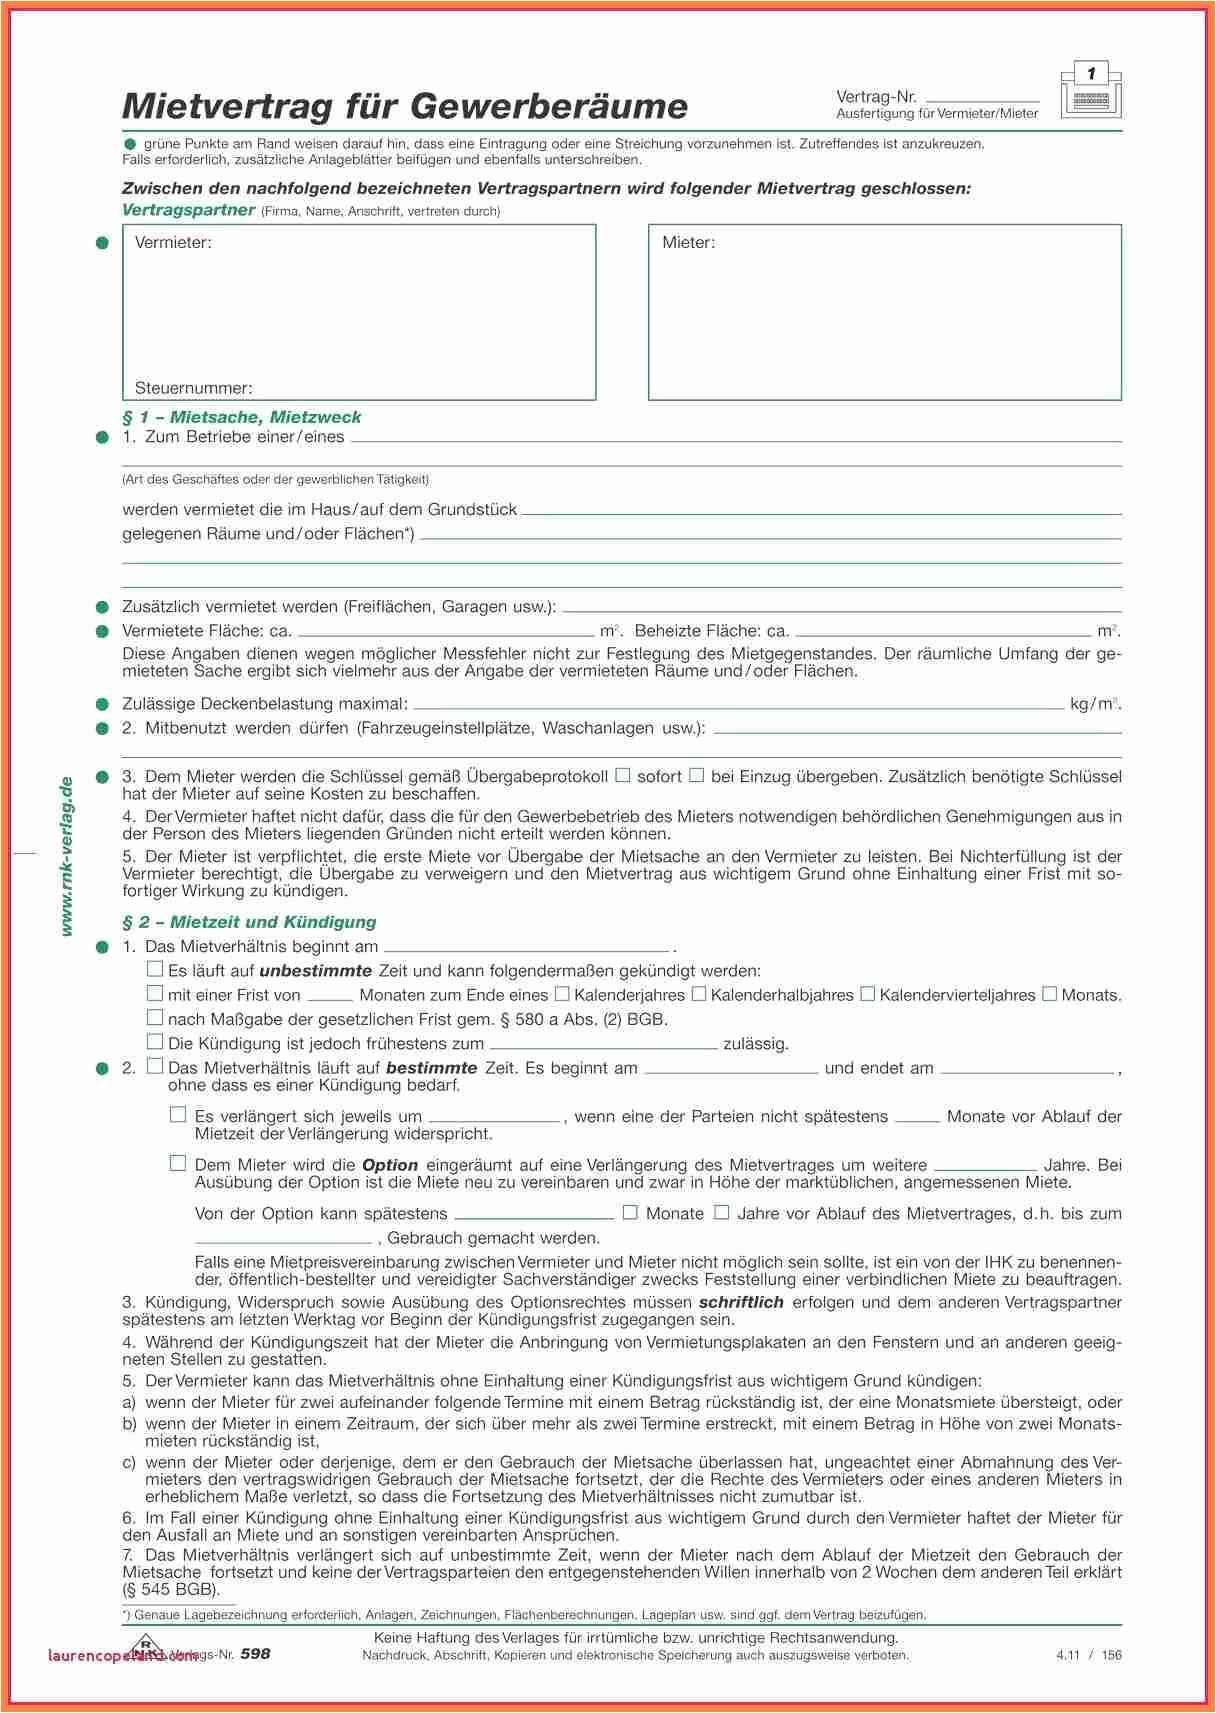 Grossartig Abnahmeprotokoll Maschine Vorlage In 2020 Flugblatt Design Abnahmeprotokoll Vorlagen